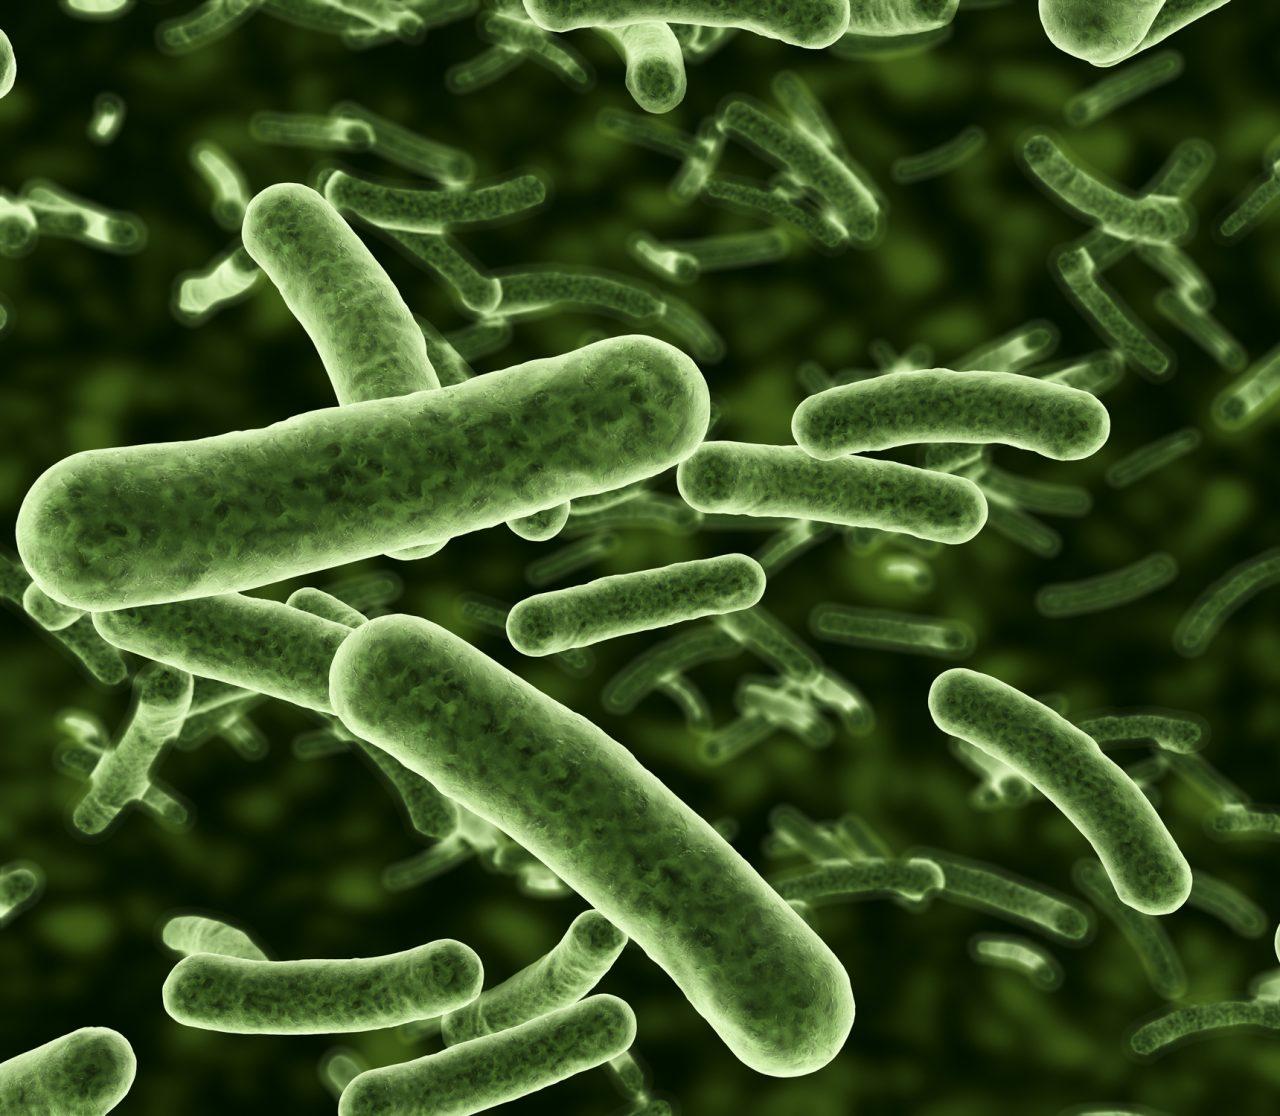 Bakterier sett gjennom et mikroskop